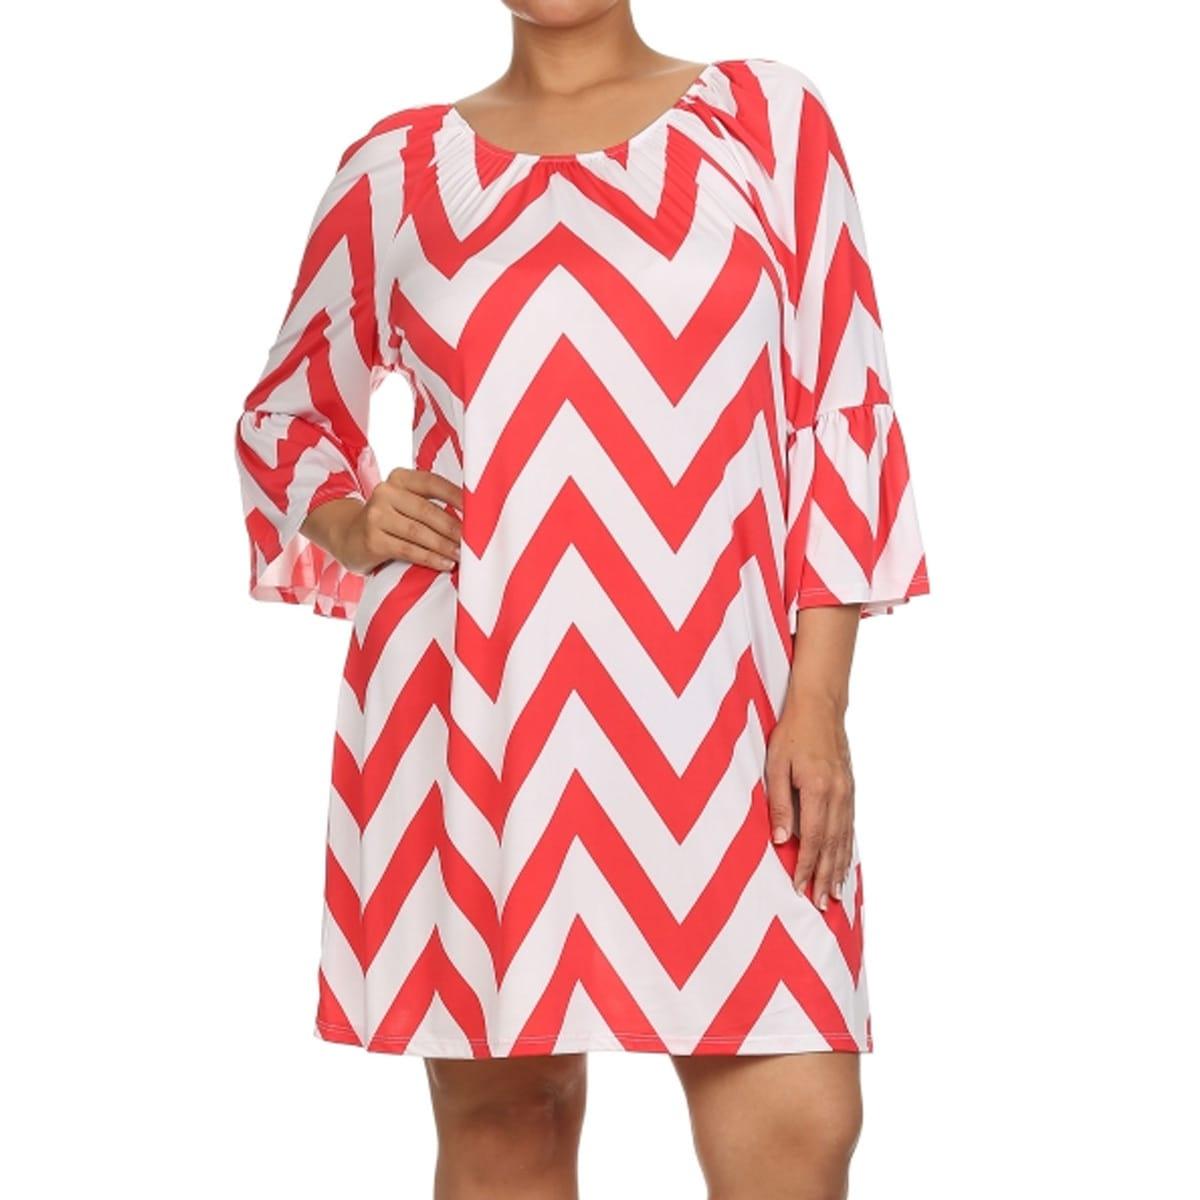 Women\'s Ziz-zag Striped Polyester and Spandex Plus-size Dress